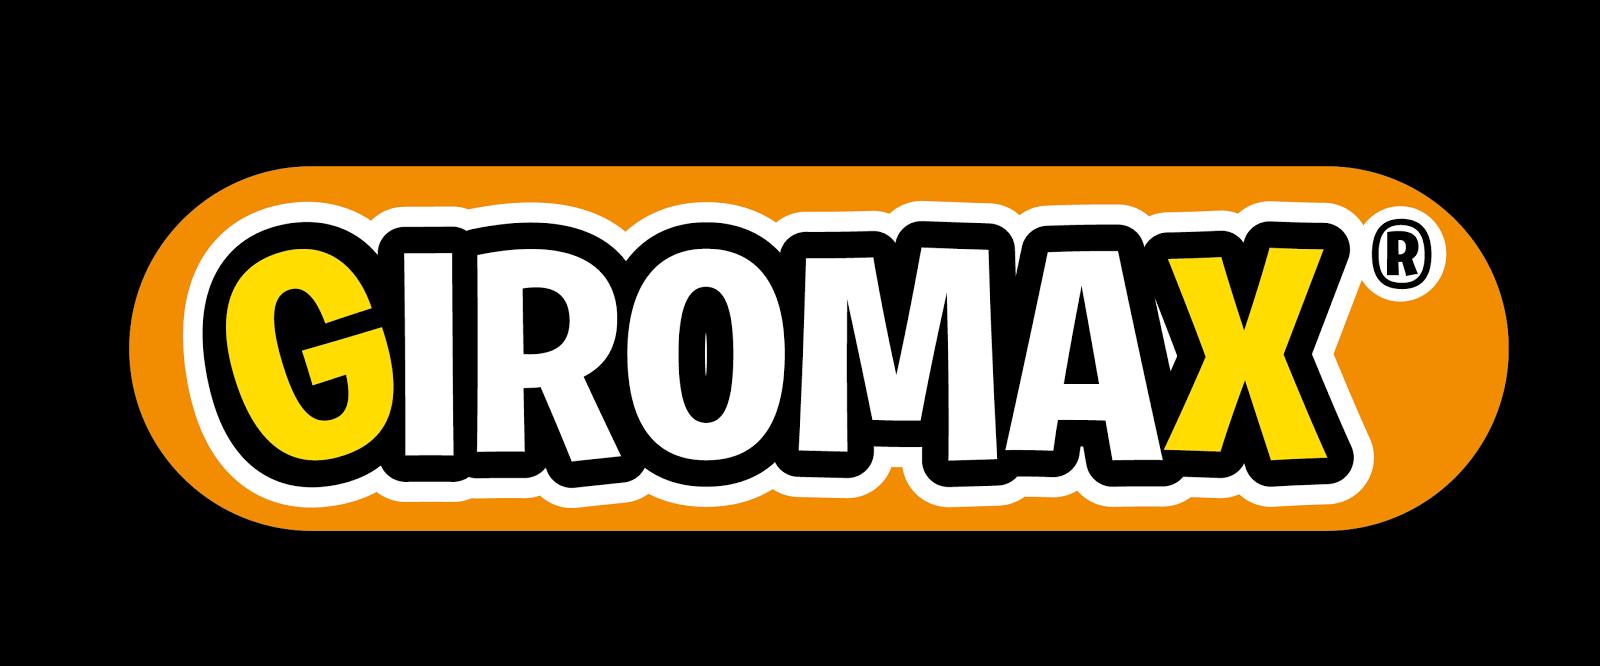 Giromax